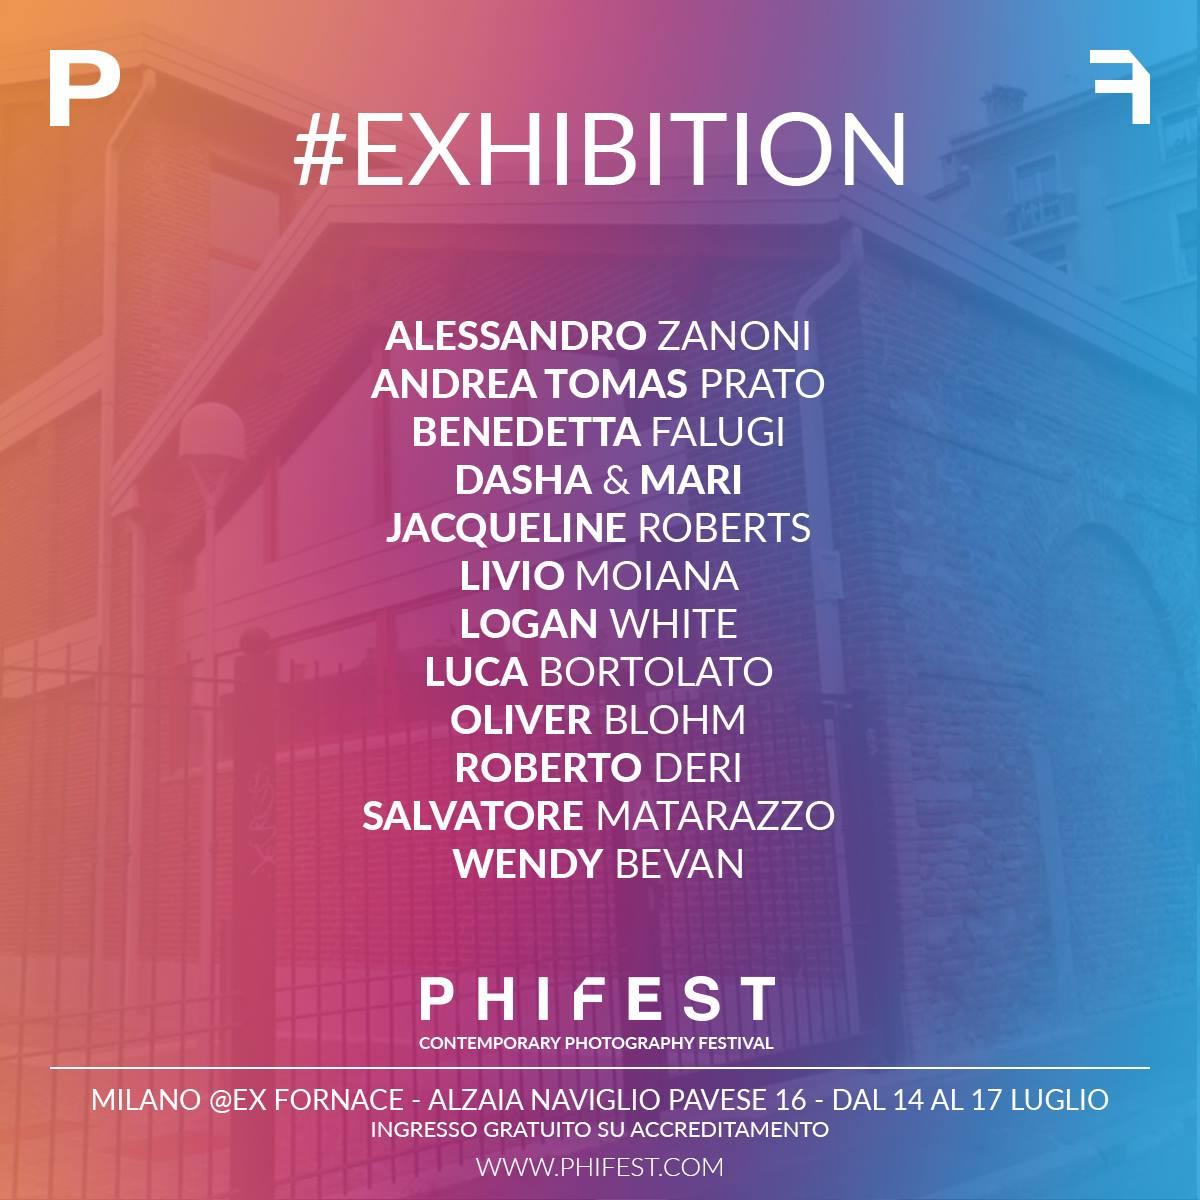 phifest_2